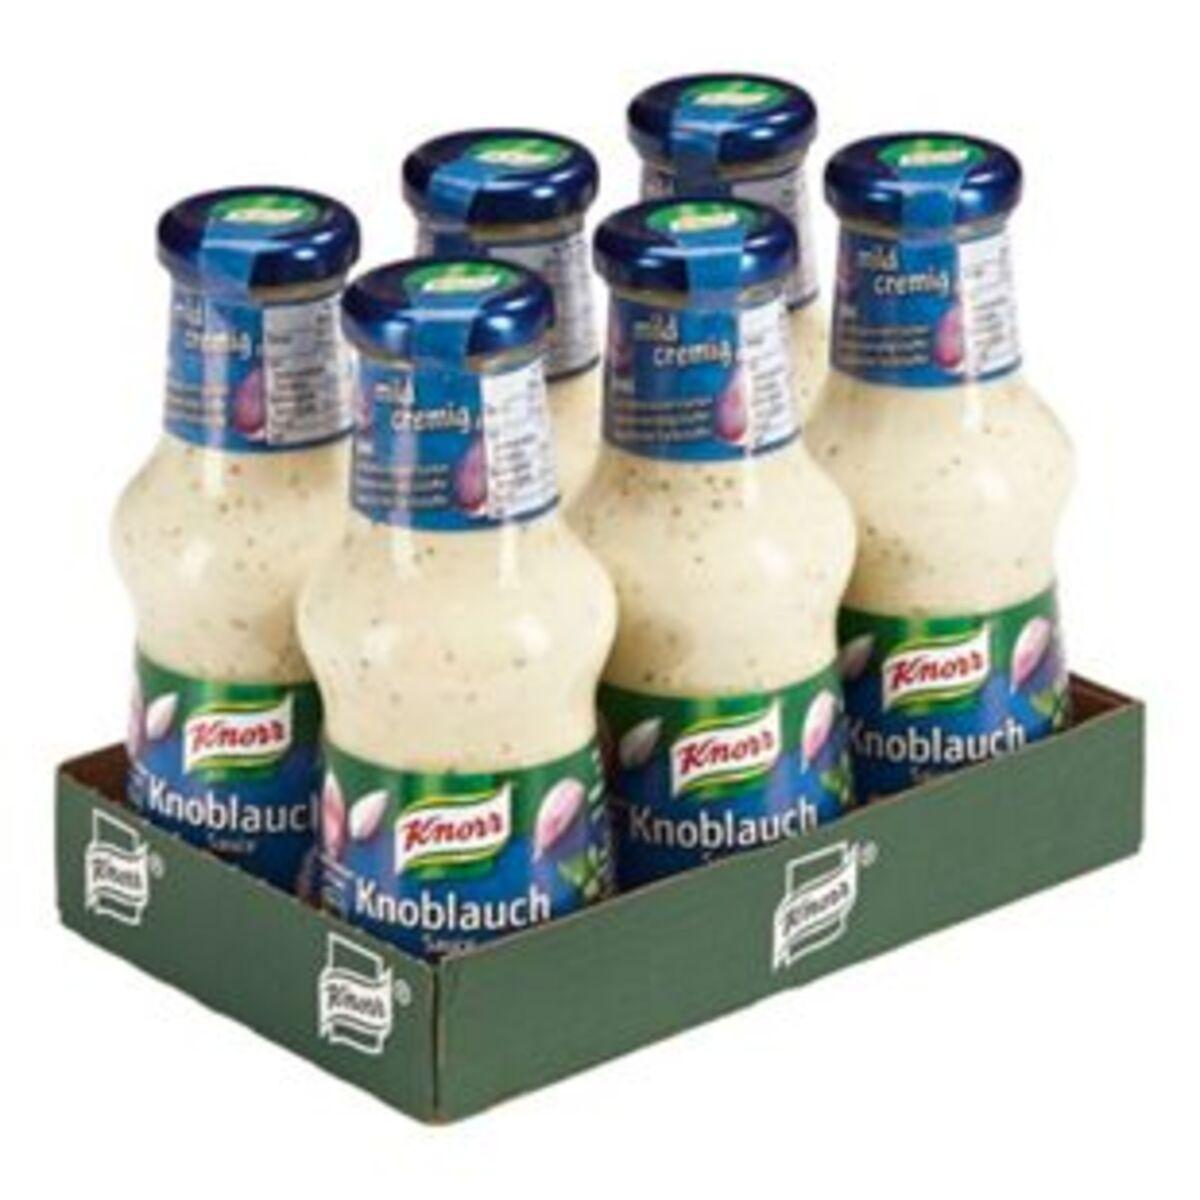 Bild 2 von Knorr Knoblauch-Sauce 250 ml, 6er Pack